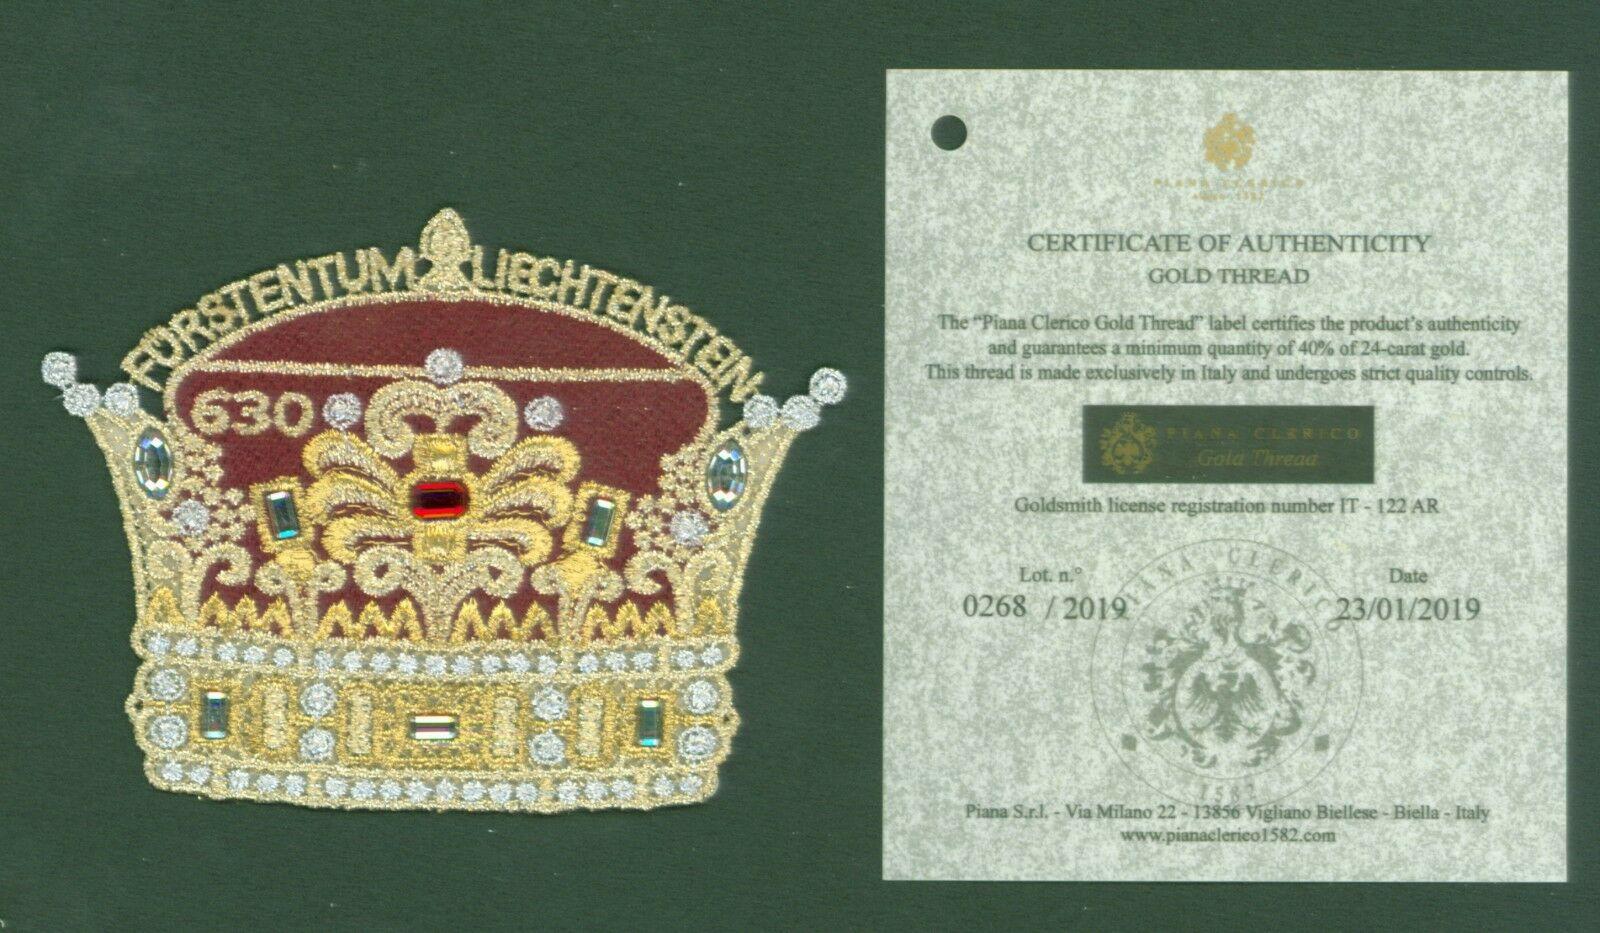 Liechtenstein - 300th Anniversary of Liechtenstein (January 23, 2019) limited edition gold-thread variety with certificate of authenticity